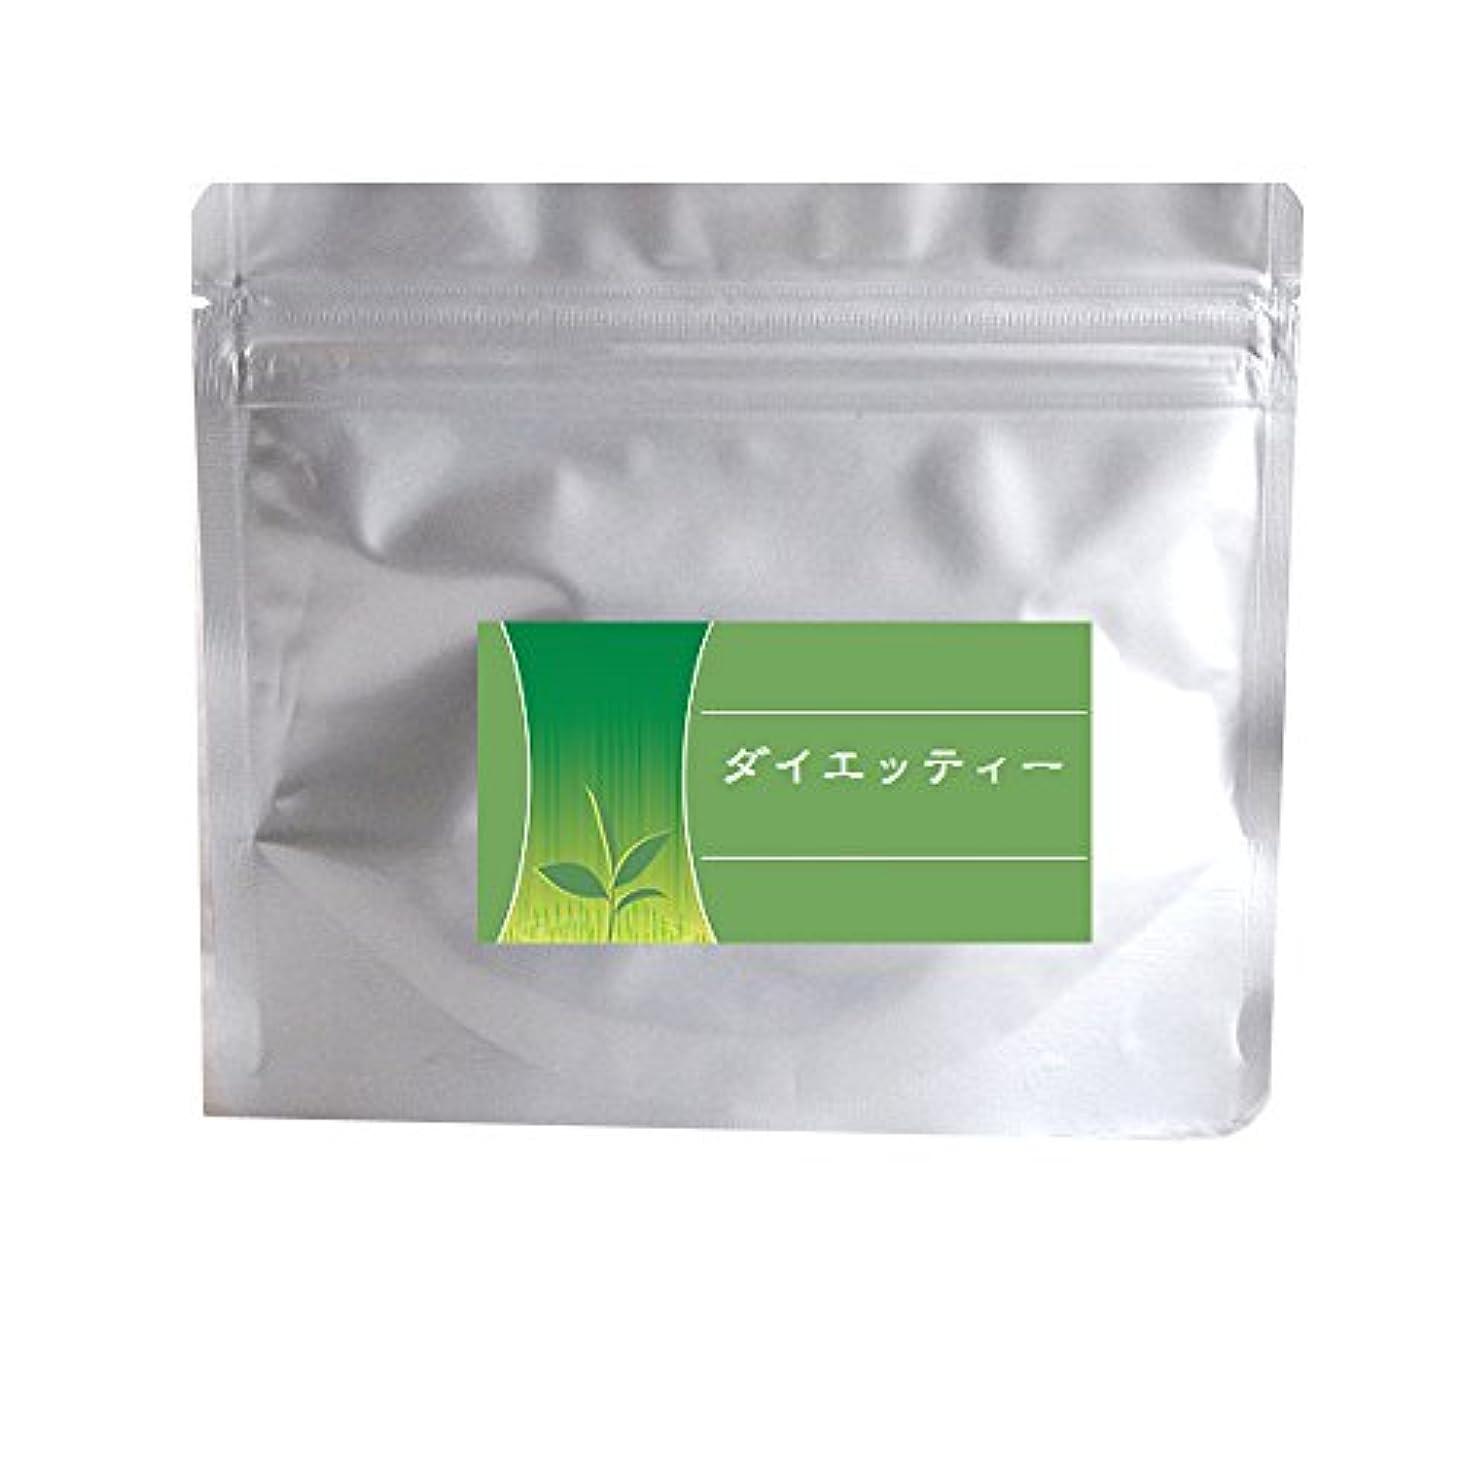 ティーム促す一過性ダイエット茶 ダイエッティー70g